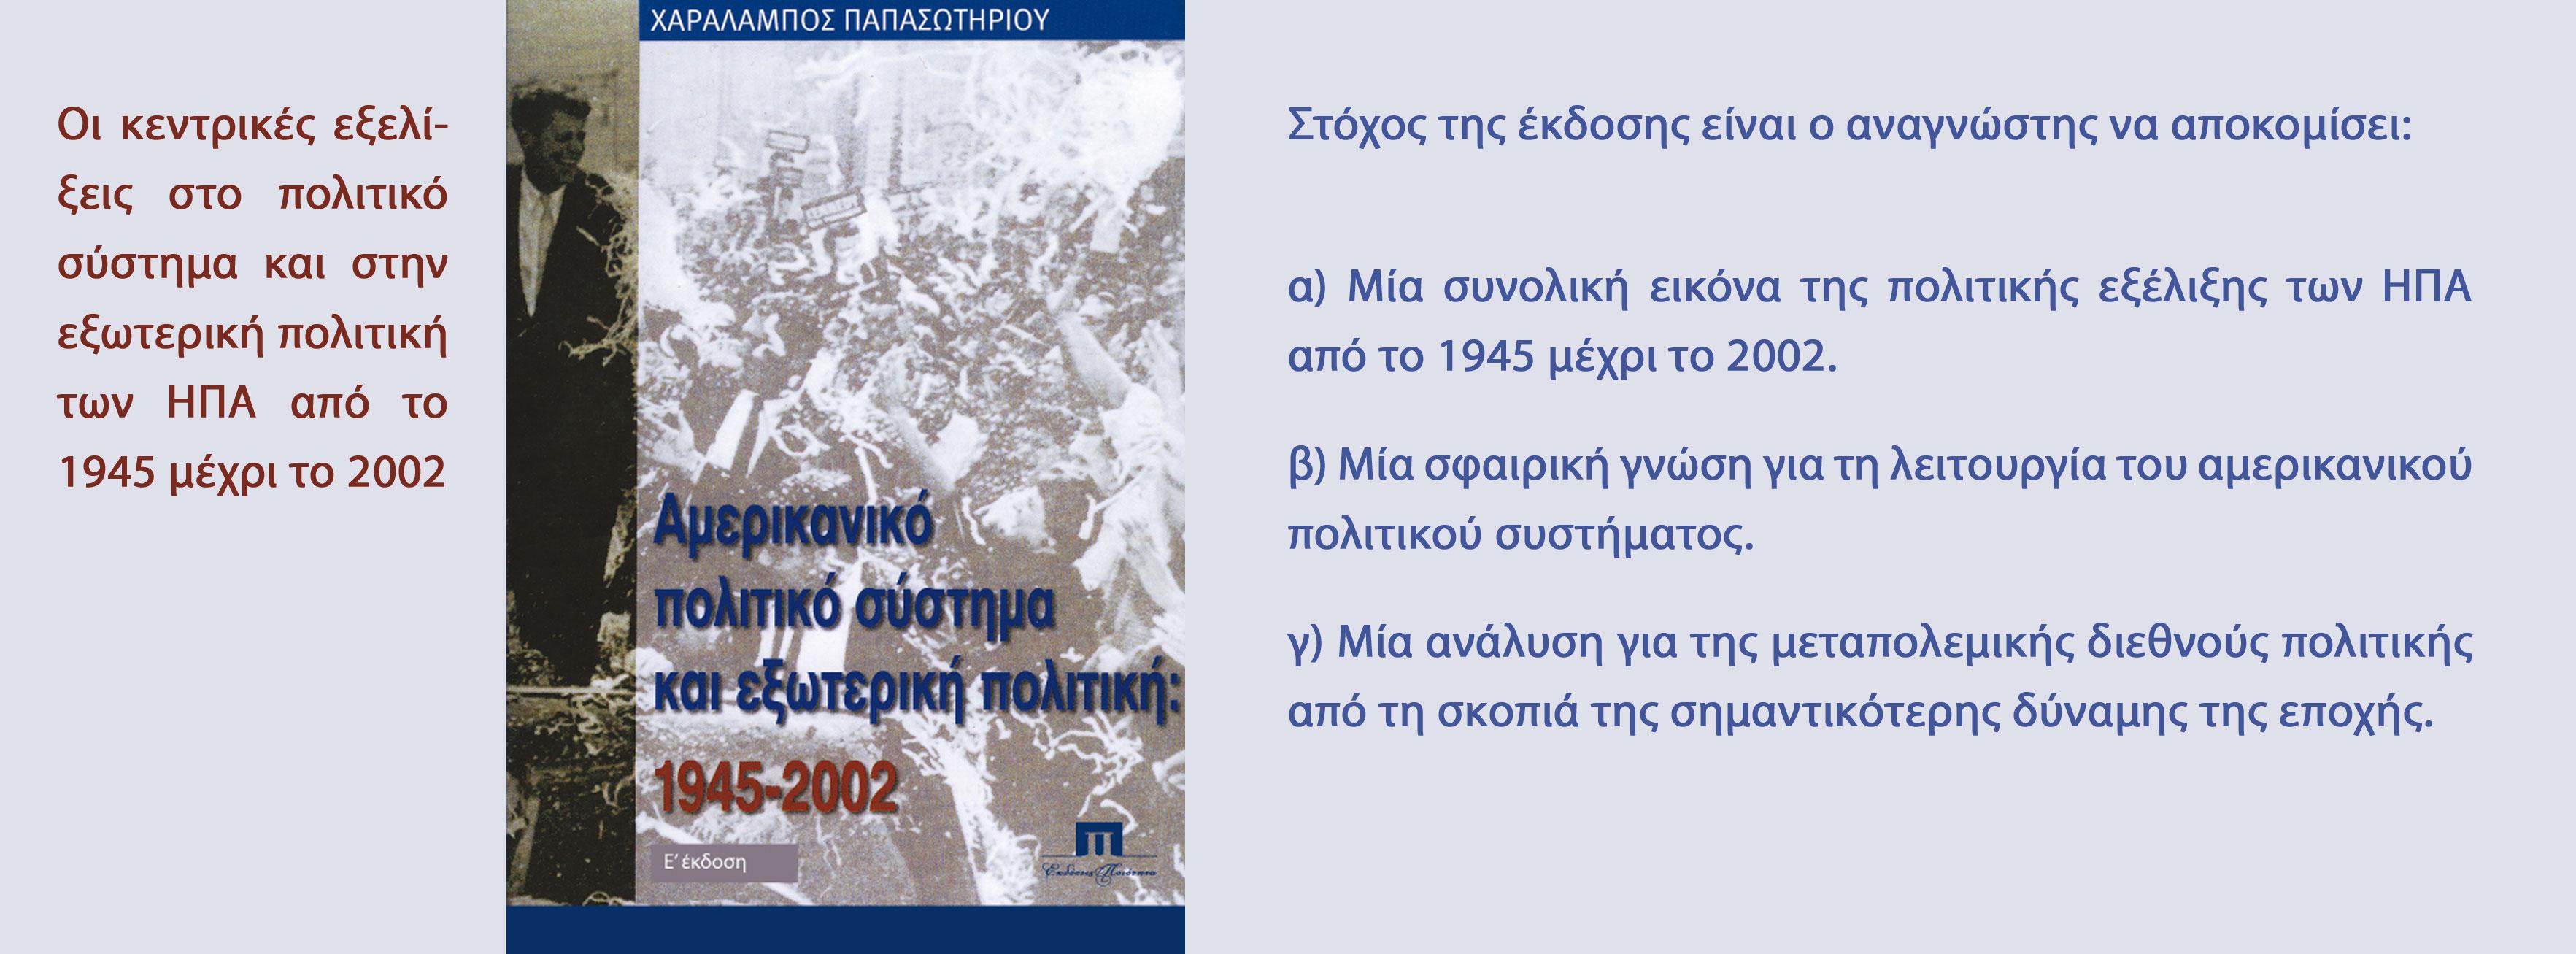 Χαράλαμπος Παπασωτηρίου, Αμερικανικό πολιτικό σύστημα και εξωτερική πολιτική: 1945-2002